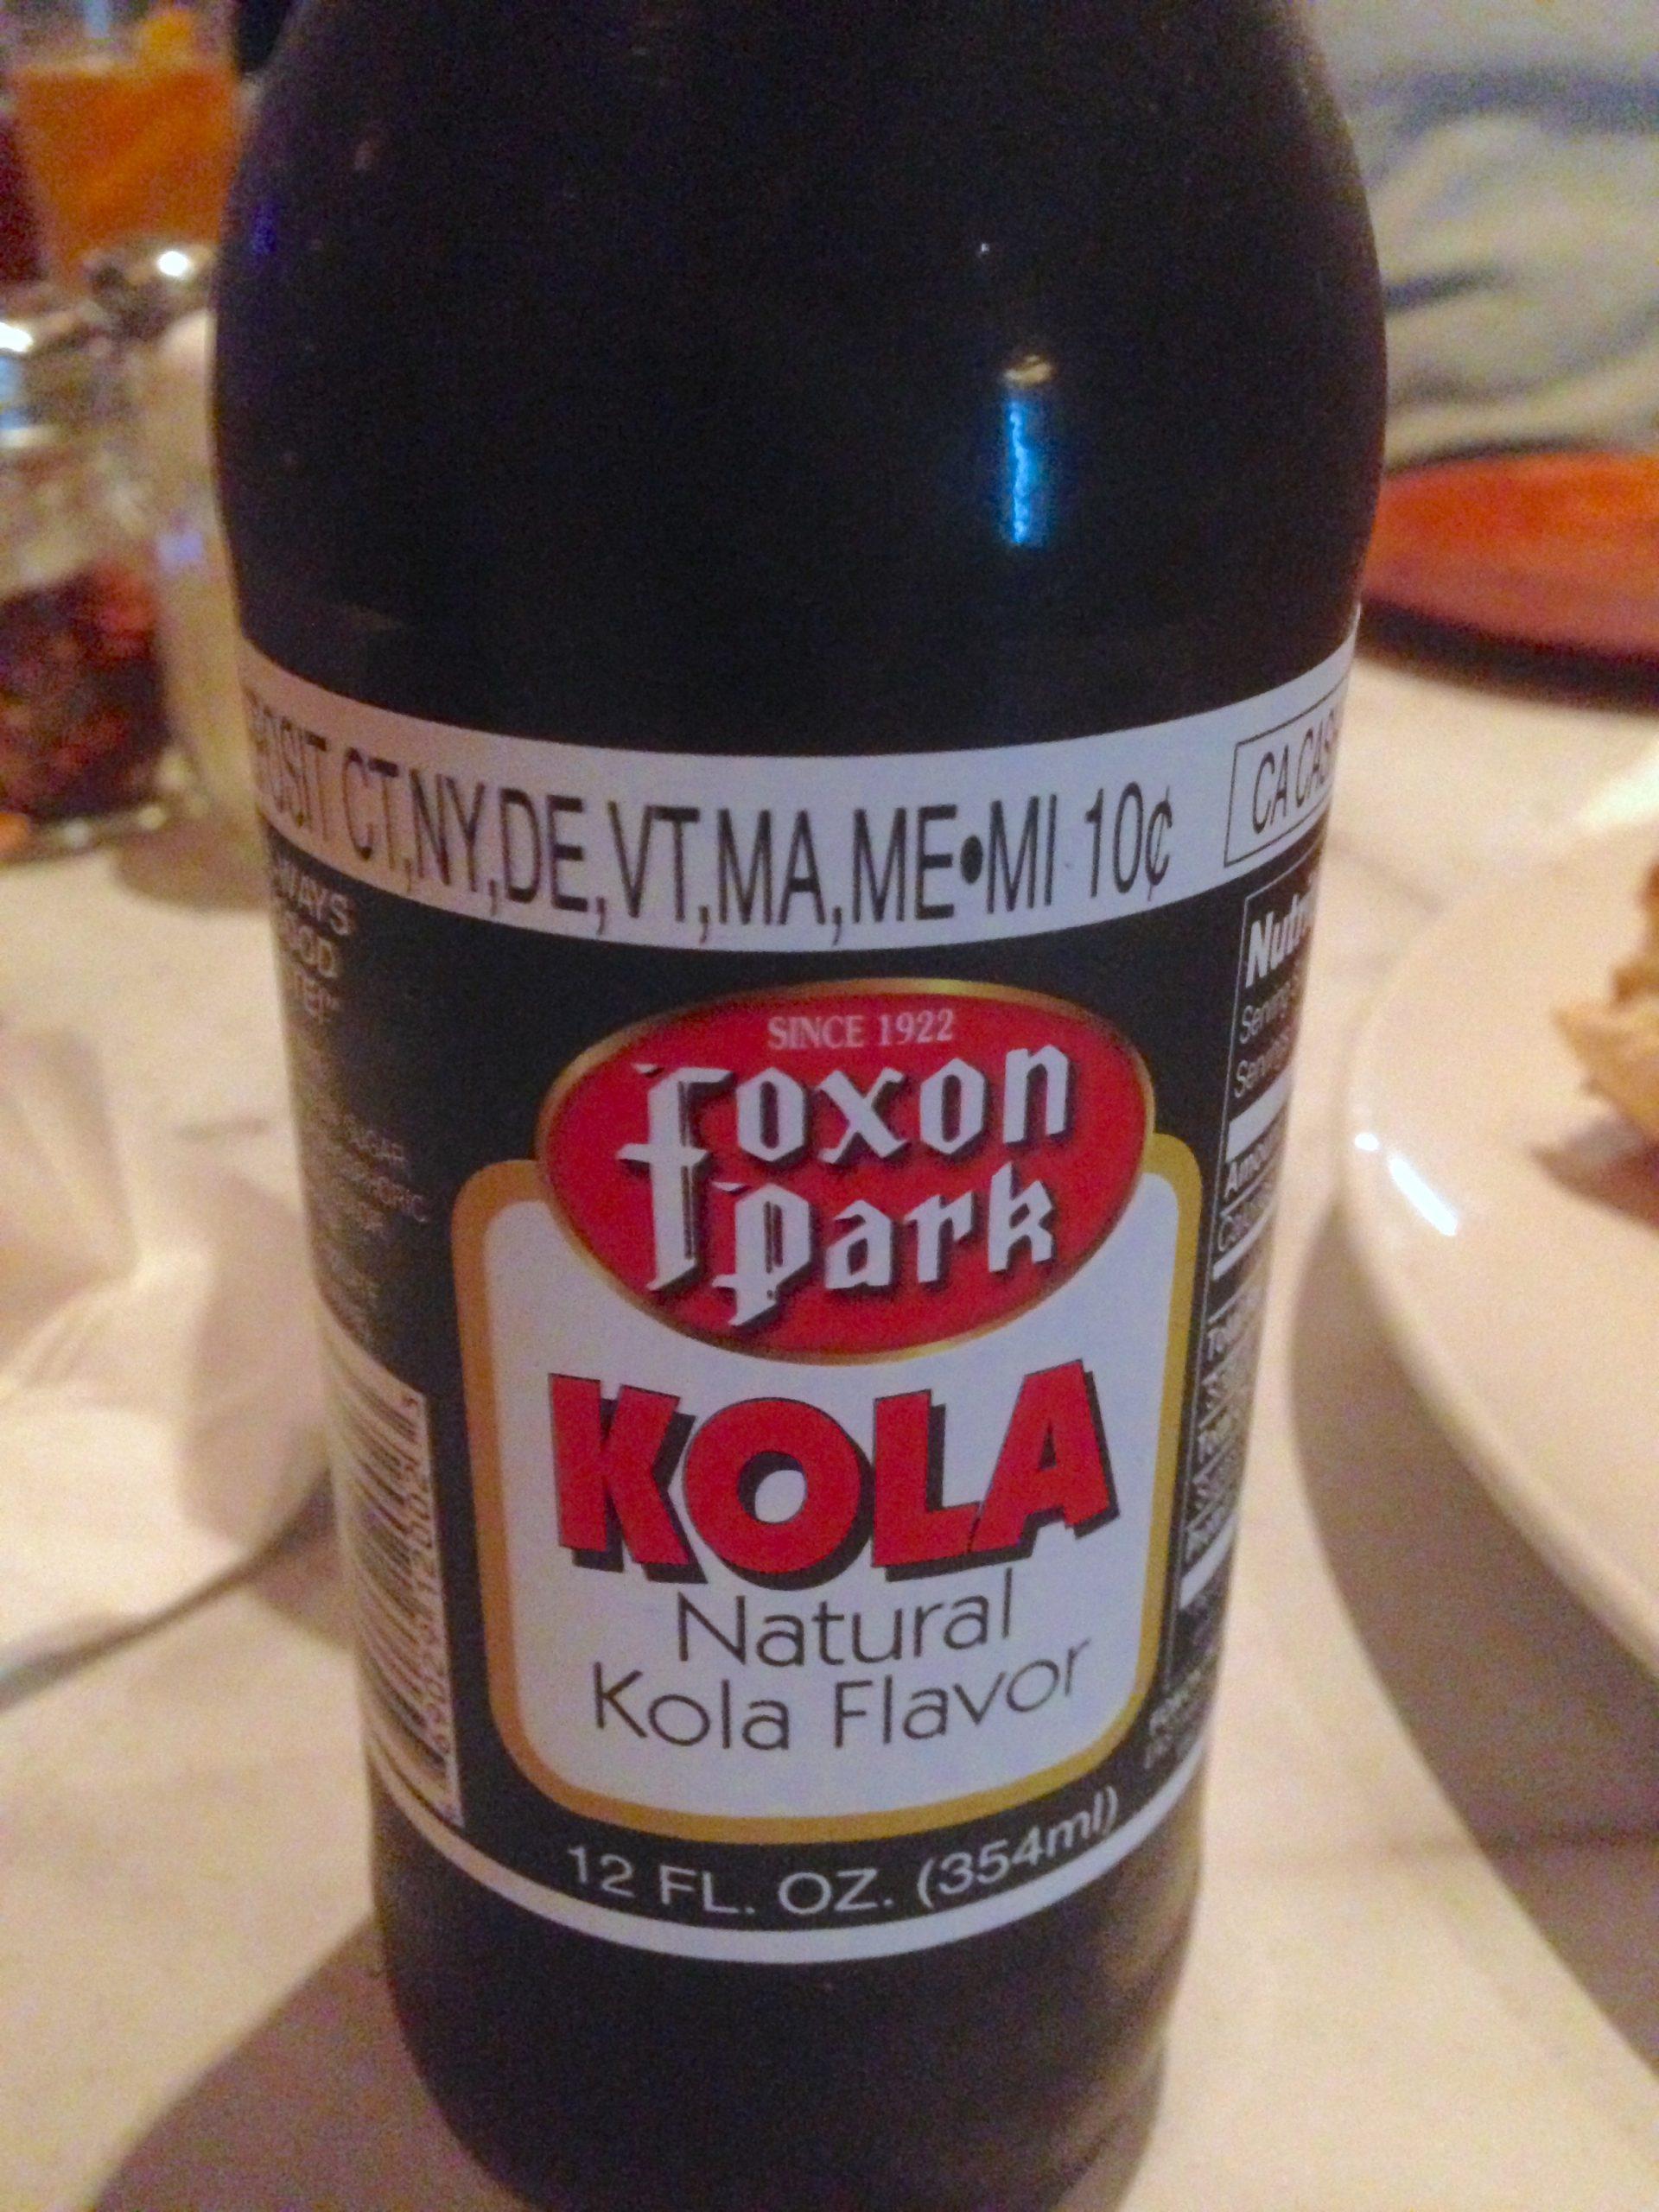 Foxon Park Kola